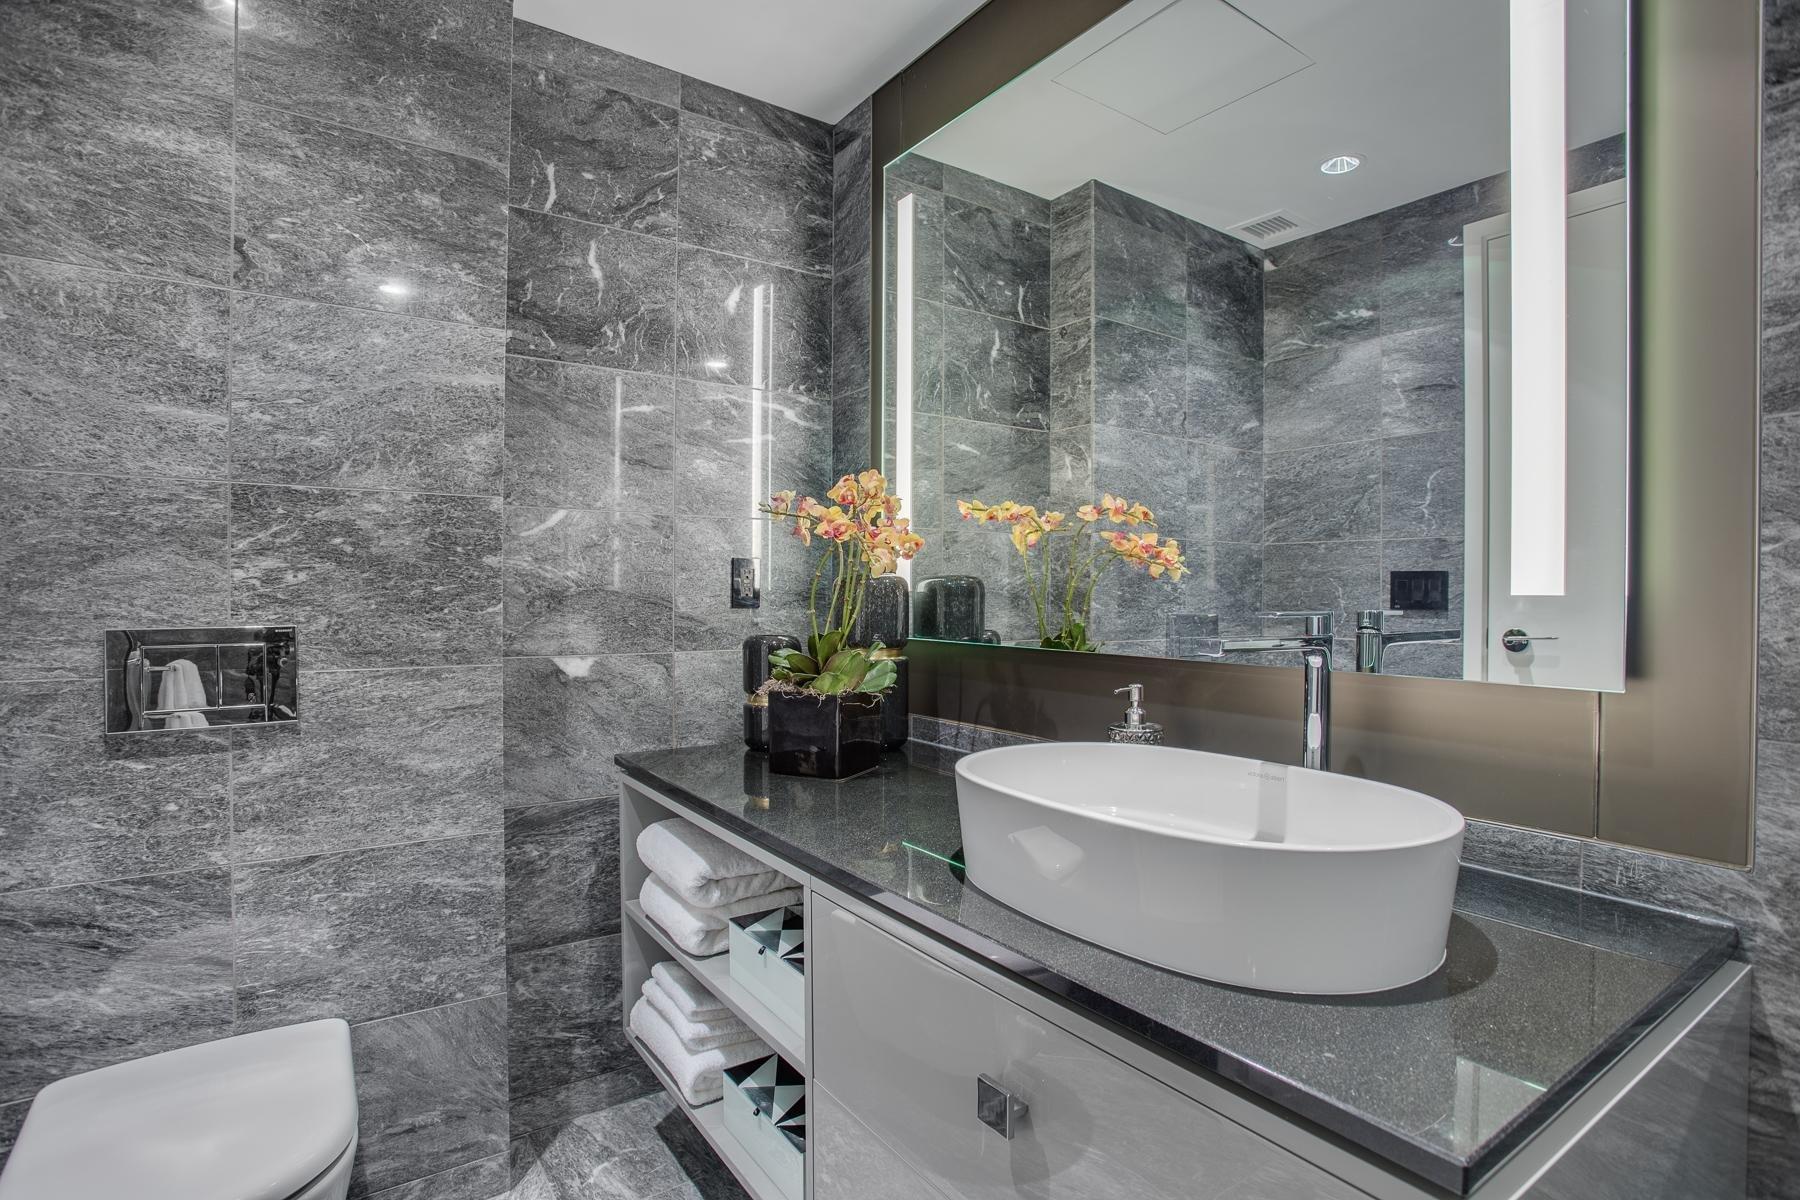 2907 -1151 Georgia Bathroom!